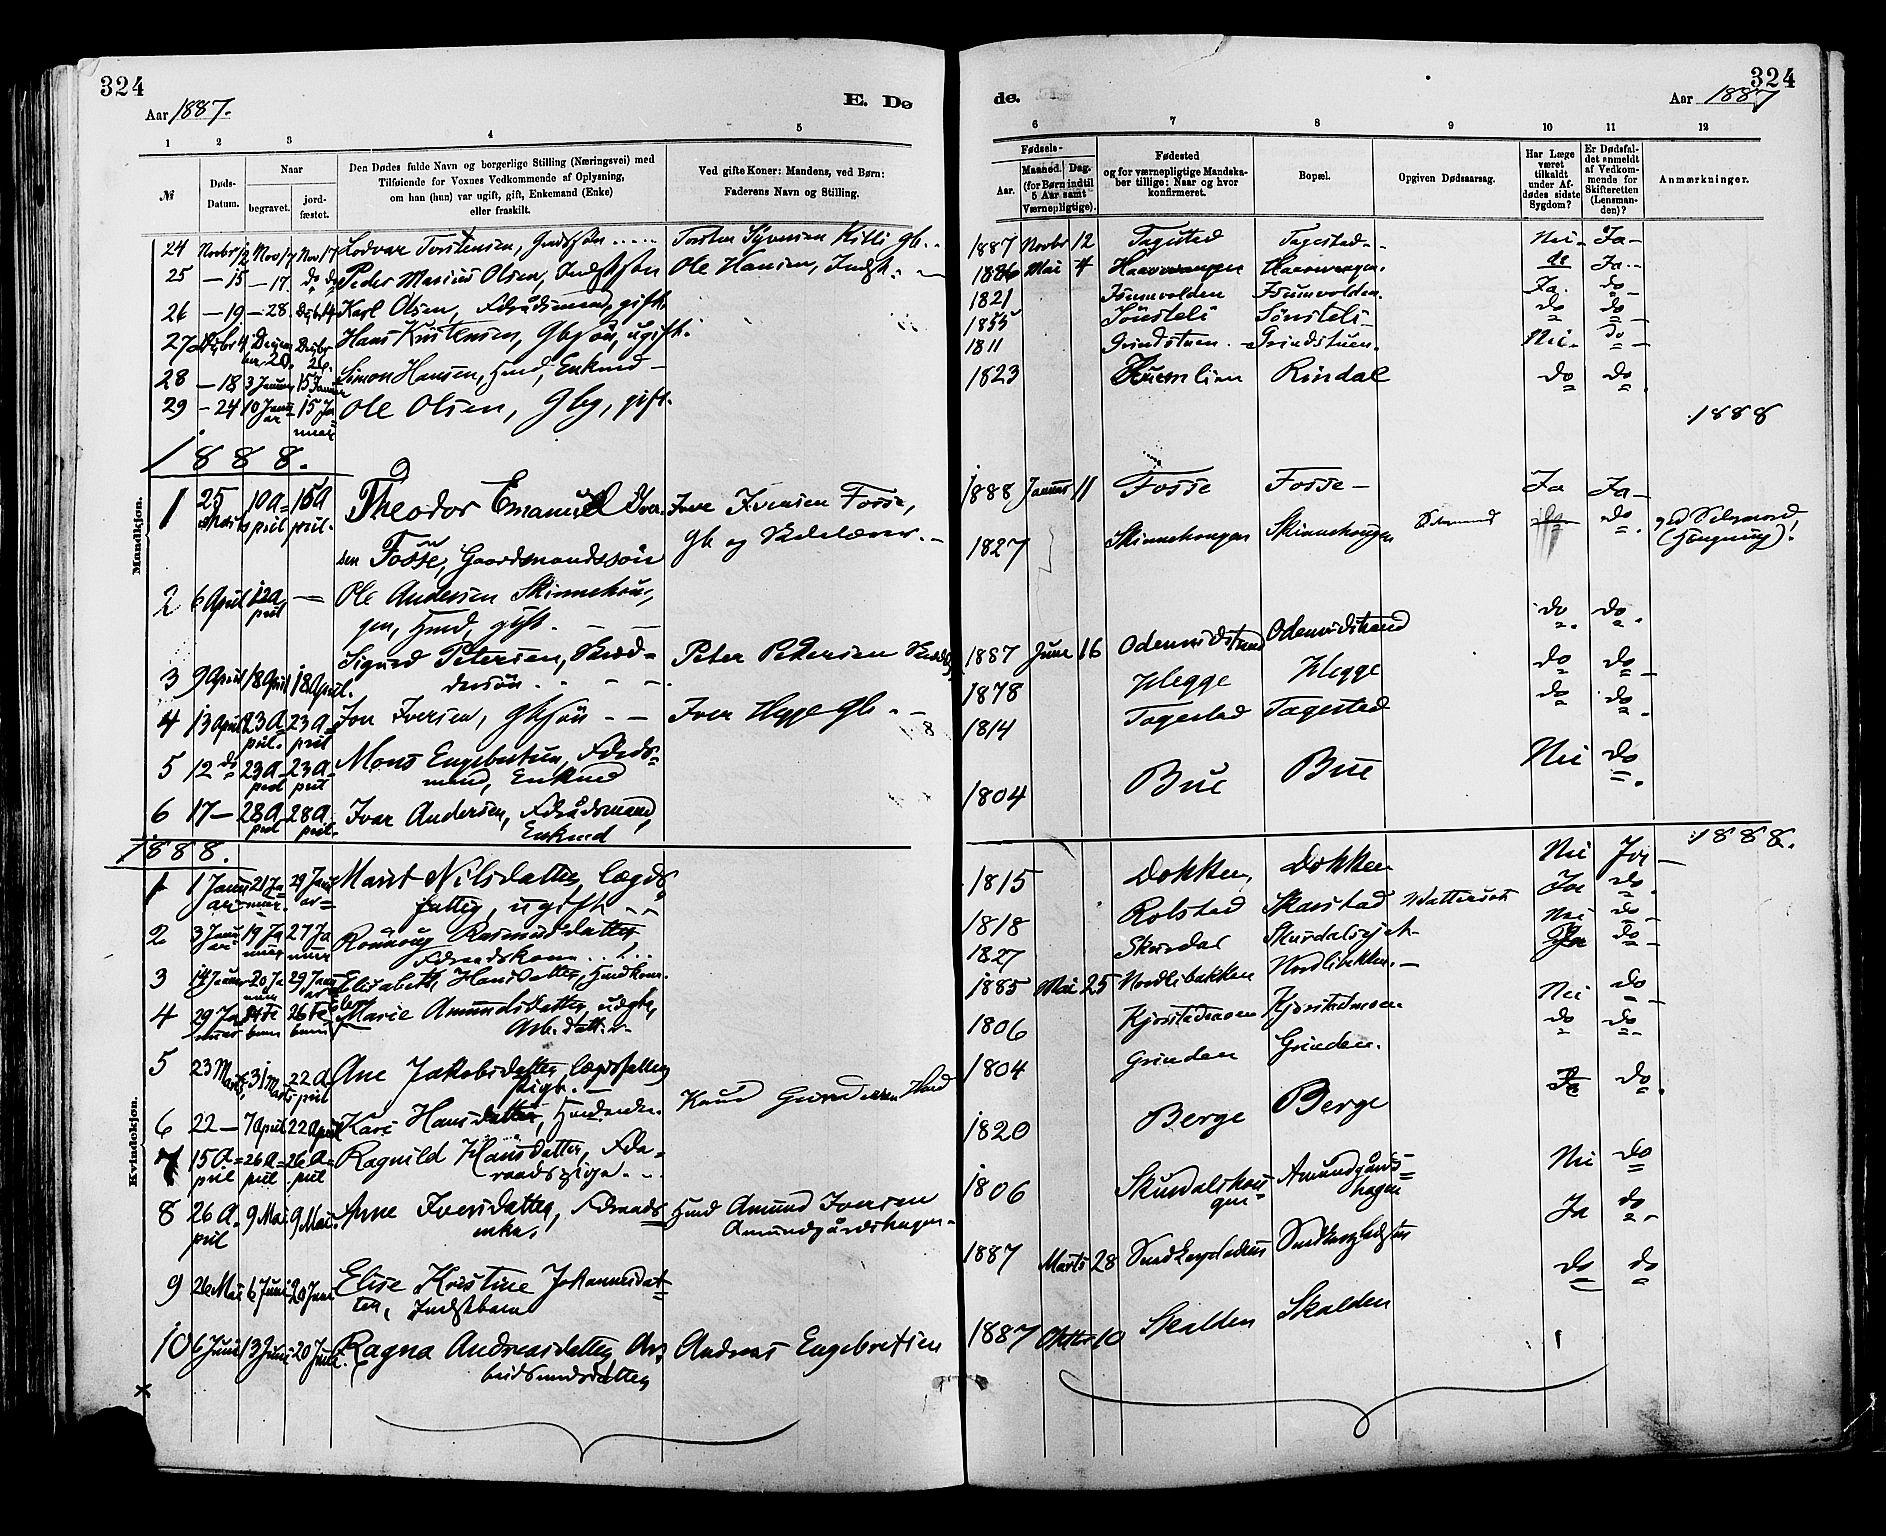 SAH, Sør-Fron prestekontor, H/Ha/Haa/L0003: Ministerialbok nr. 3, 1881-1897, s. 324